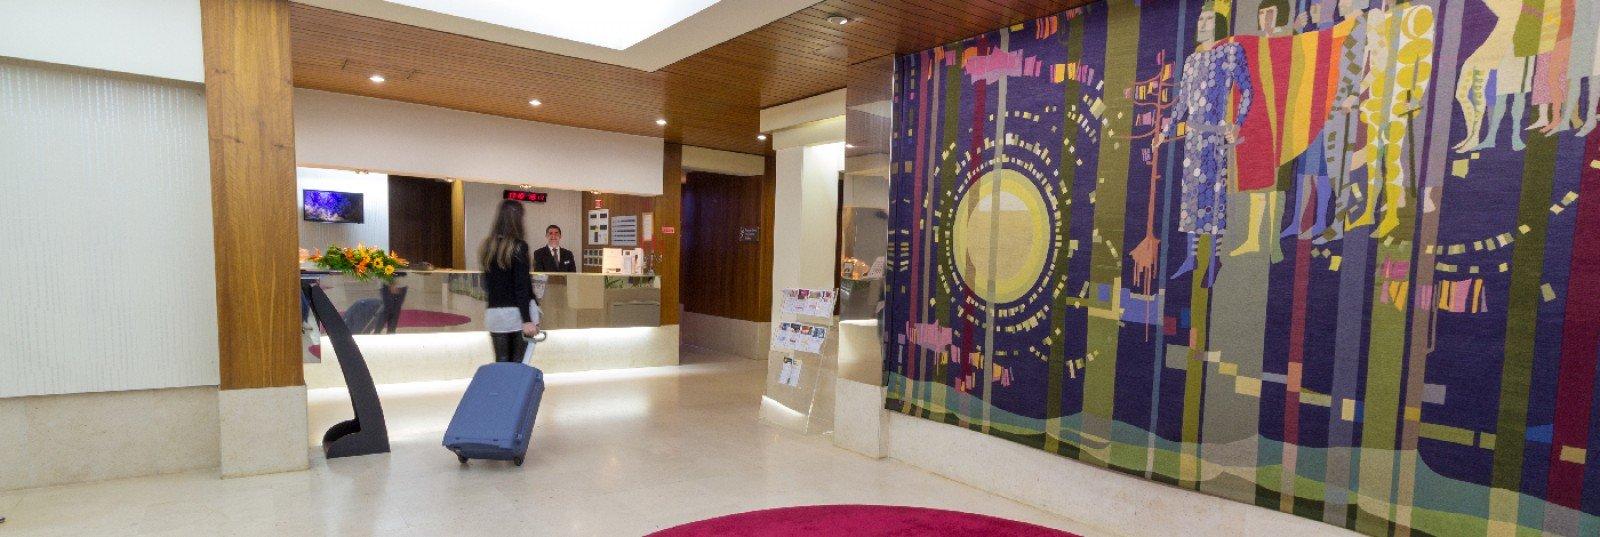 Hotel Eurosol Leiria - Receção